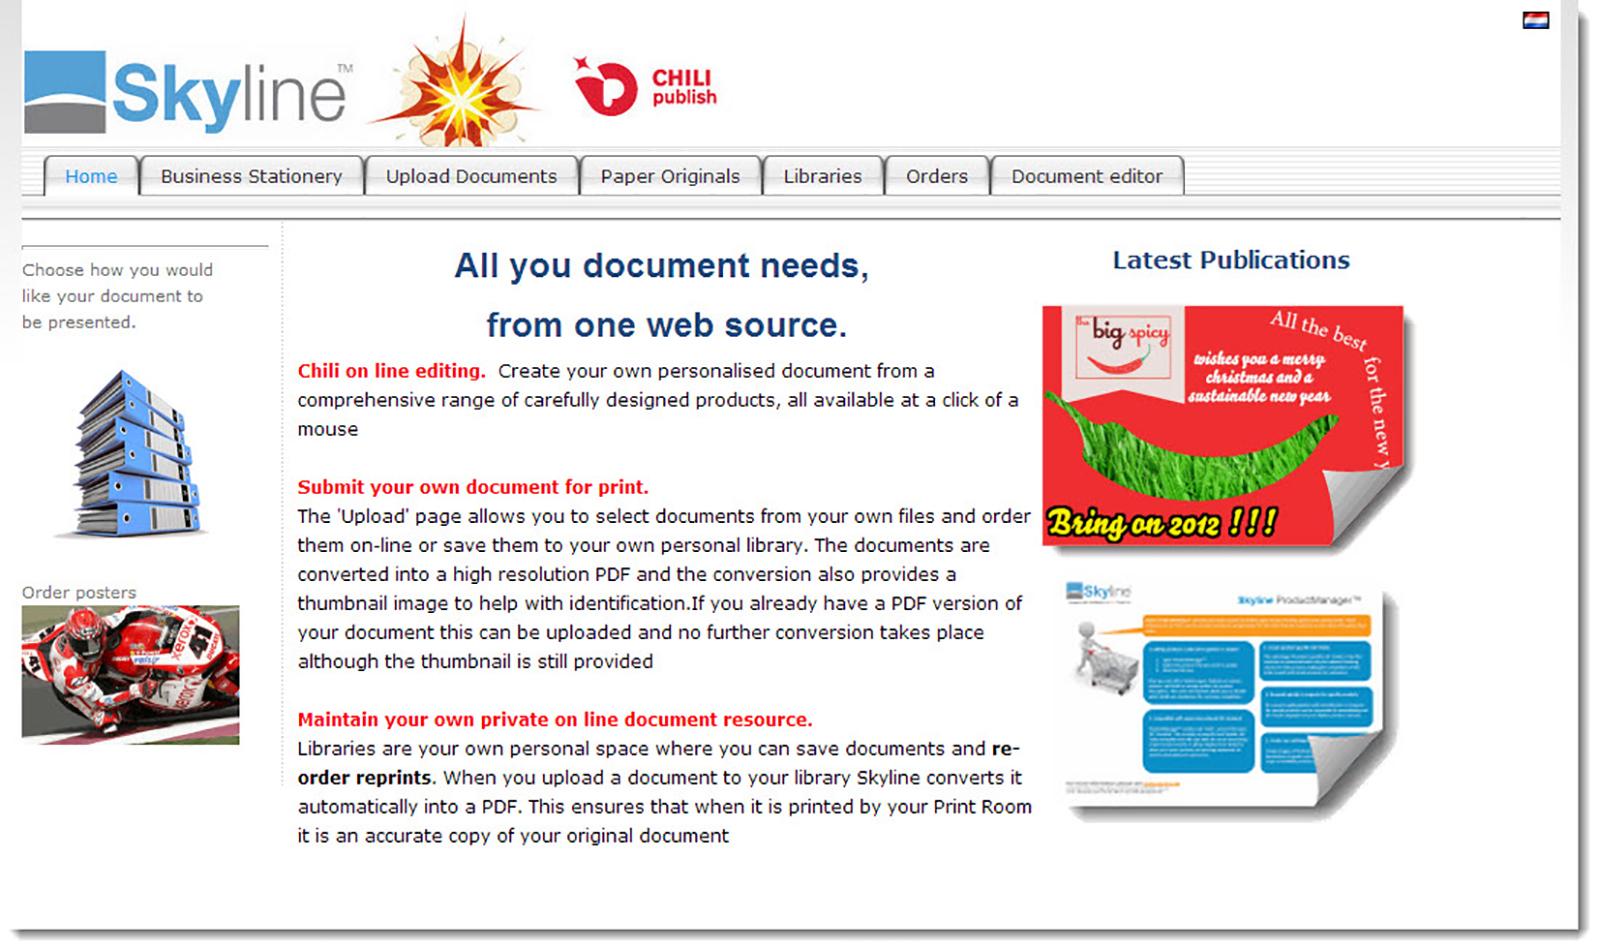 eprintdirect partners chilipublishcom